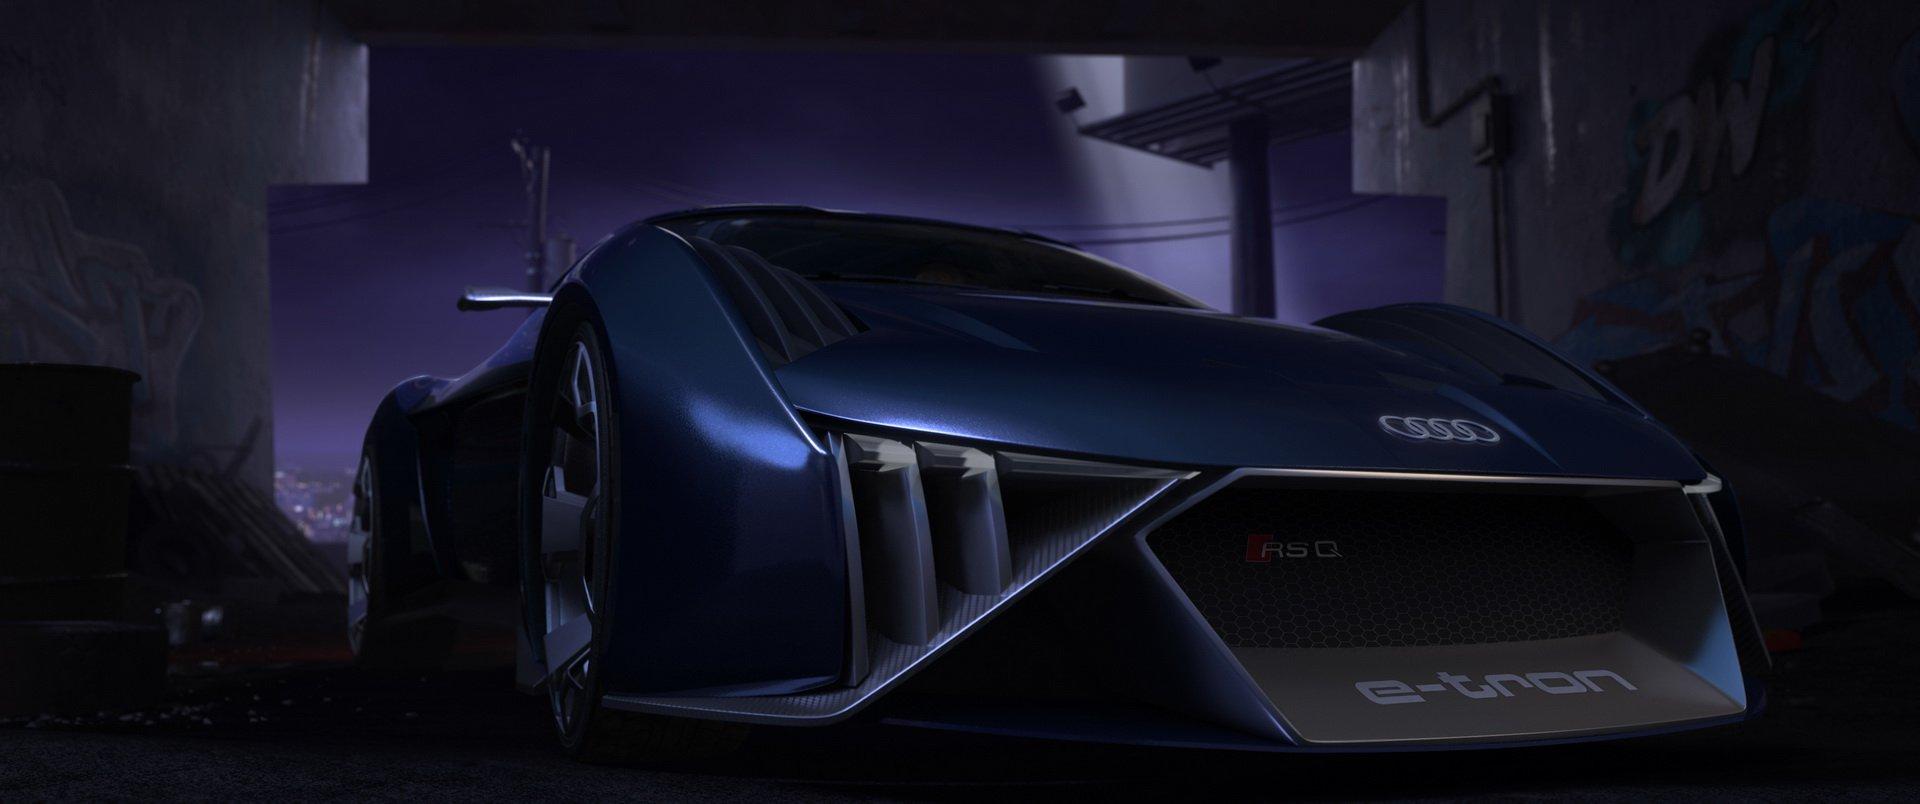 Audi RSQ E-Tron (3)